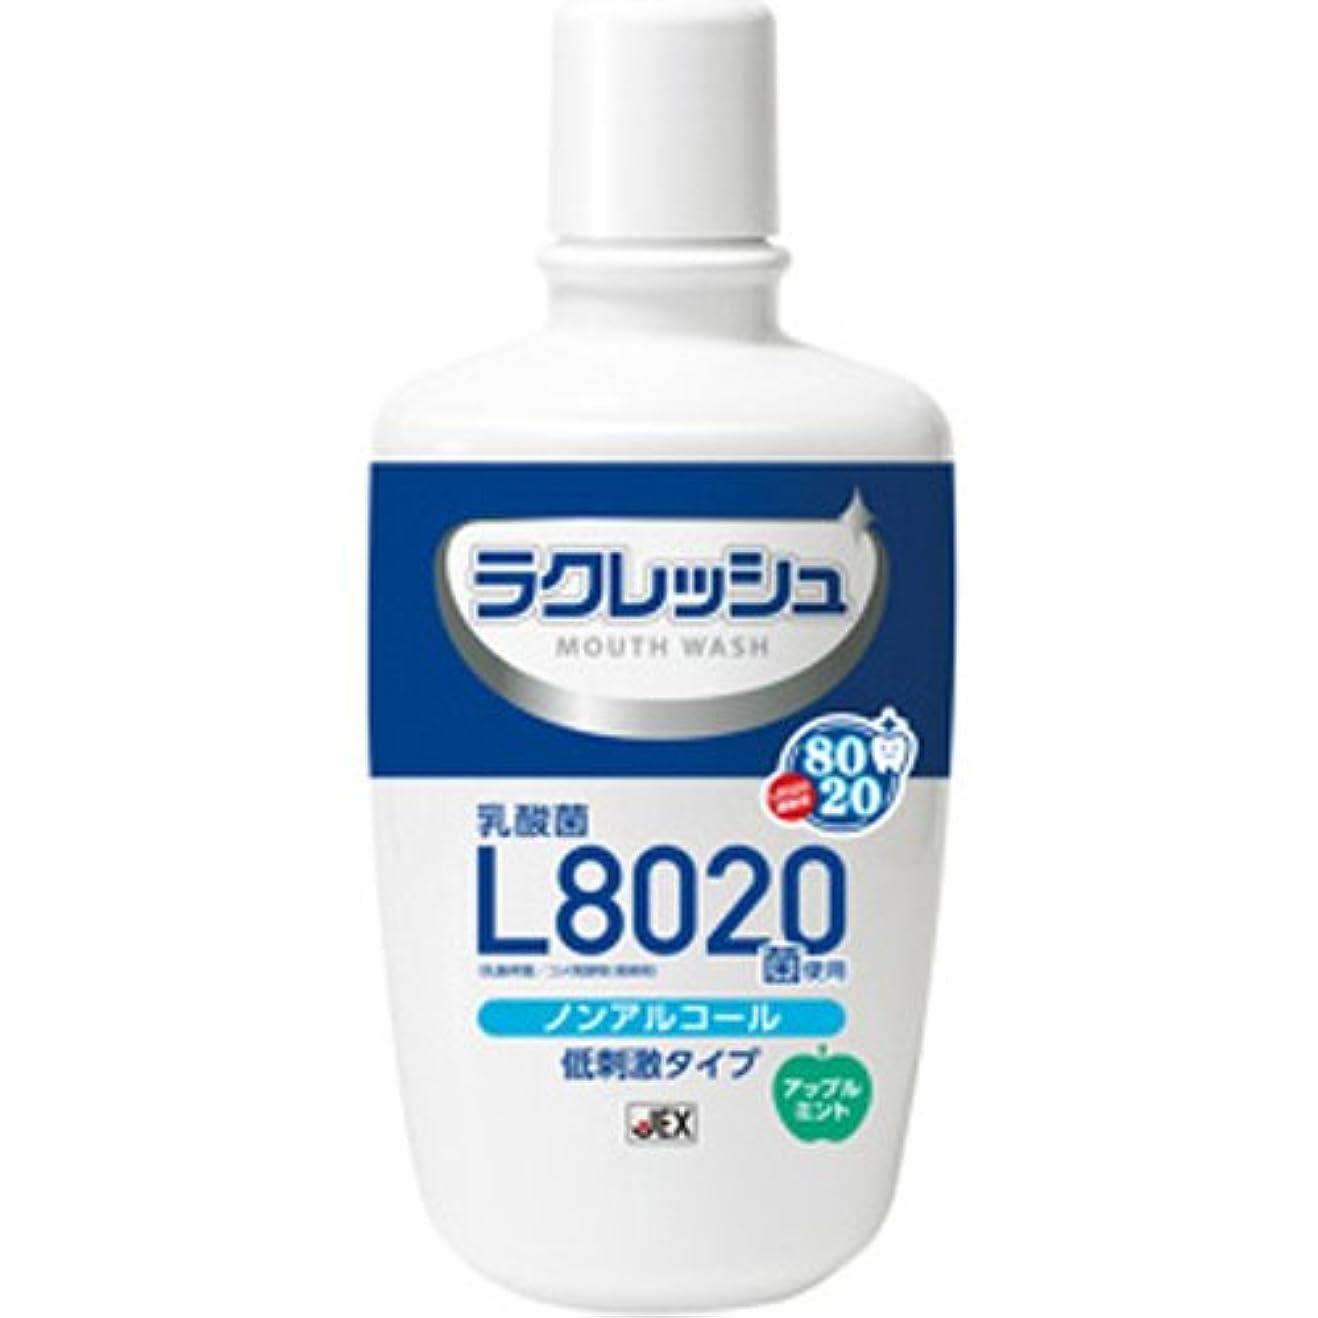 のど発見する投げ捨てるラクレッシュ L8020菌入 マウスウォッシュ × 5個セット